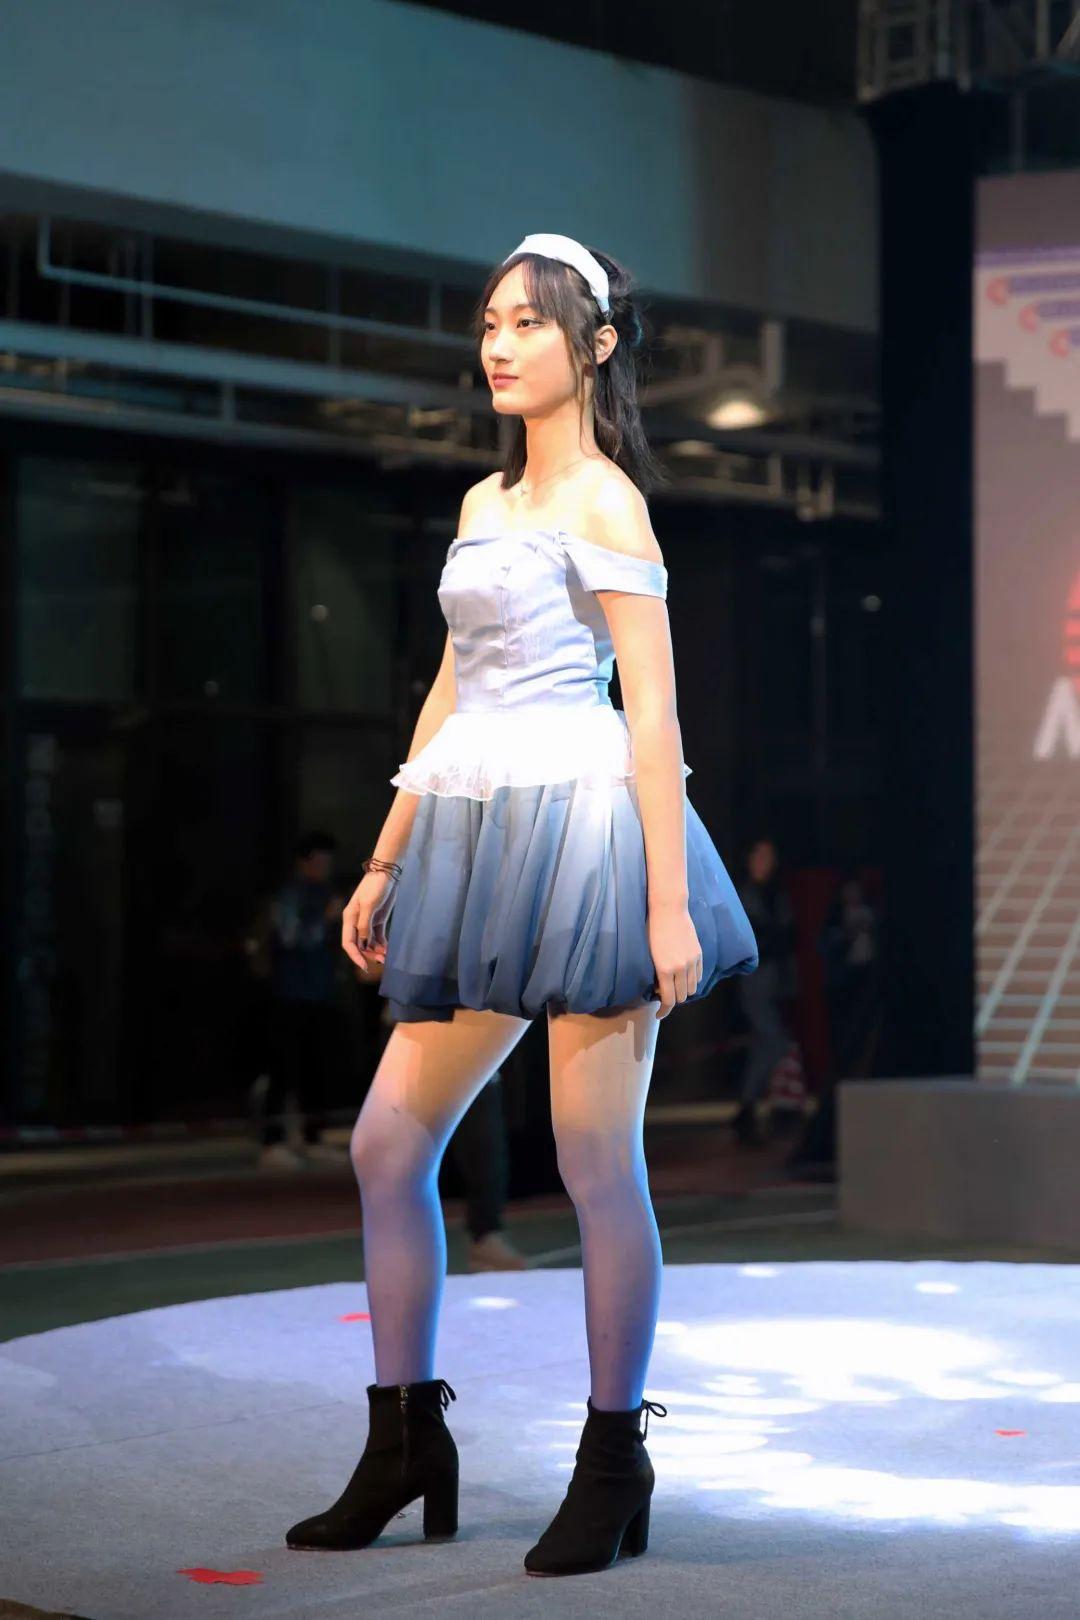 深国交2021 Fashion Show - 校园活动 疫情之下的时尚  深国交 深圳国际交流学院 第23张